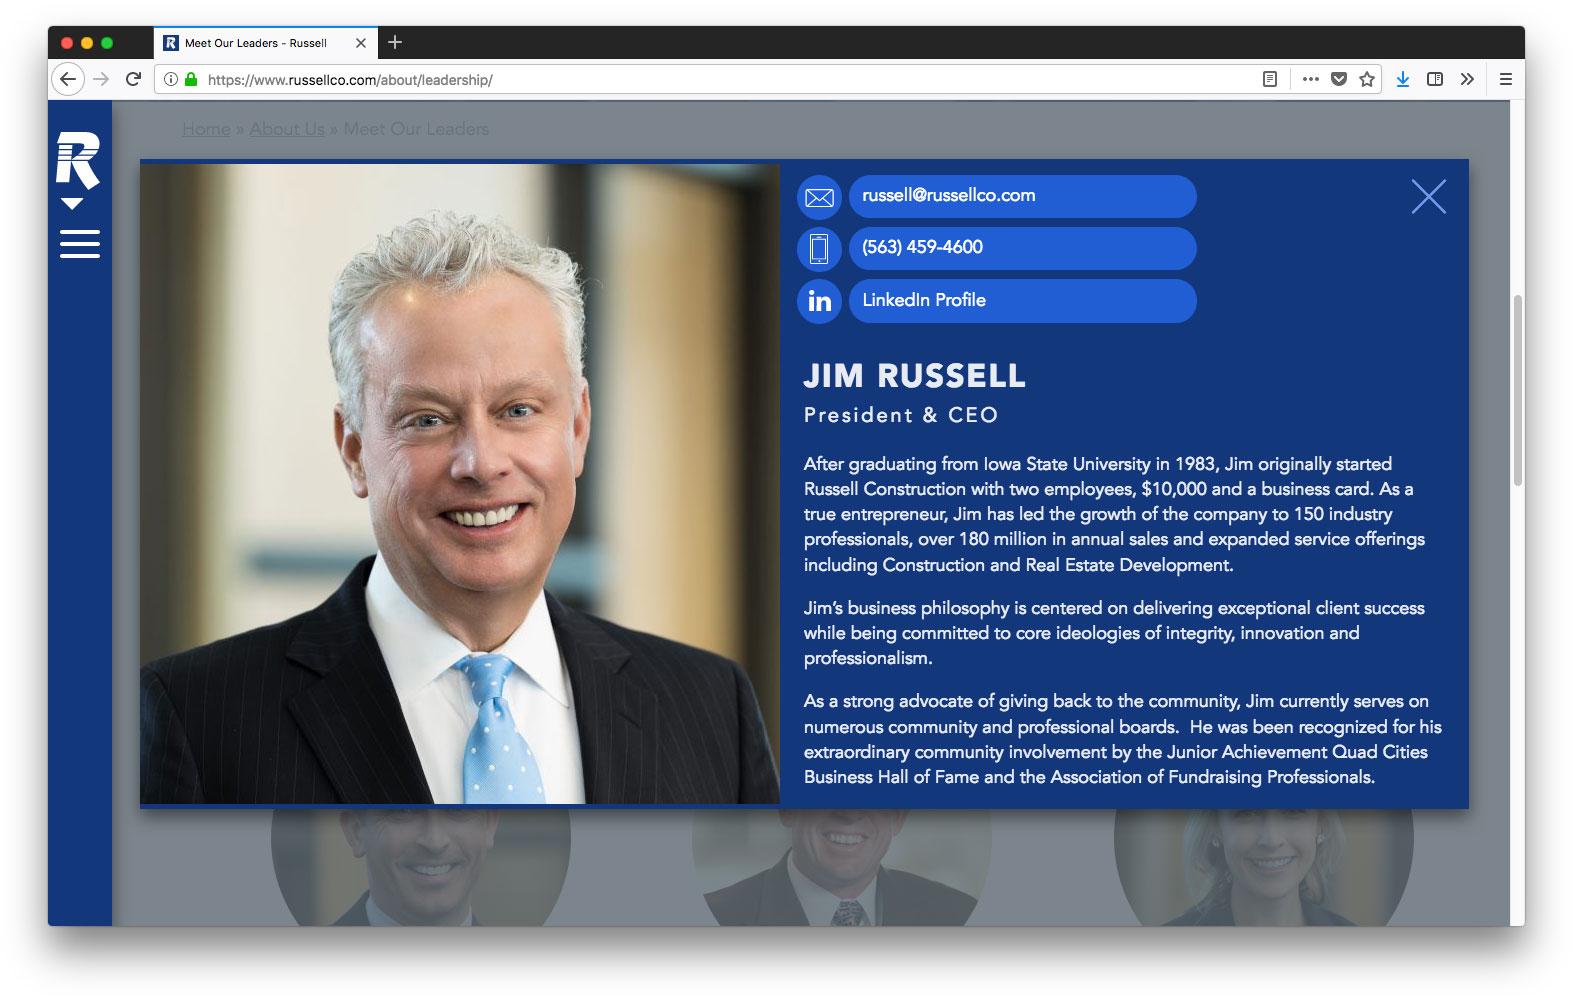 leadership shown on desktop view